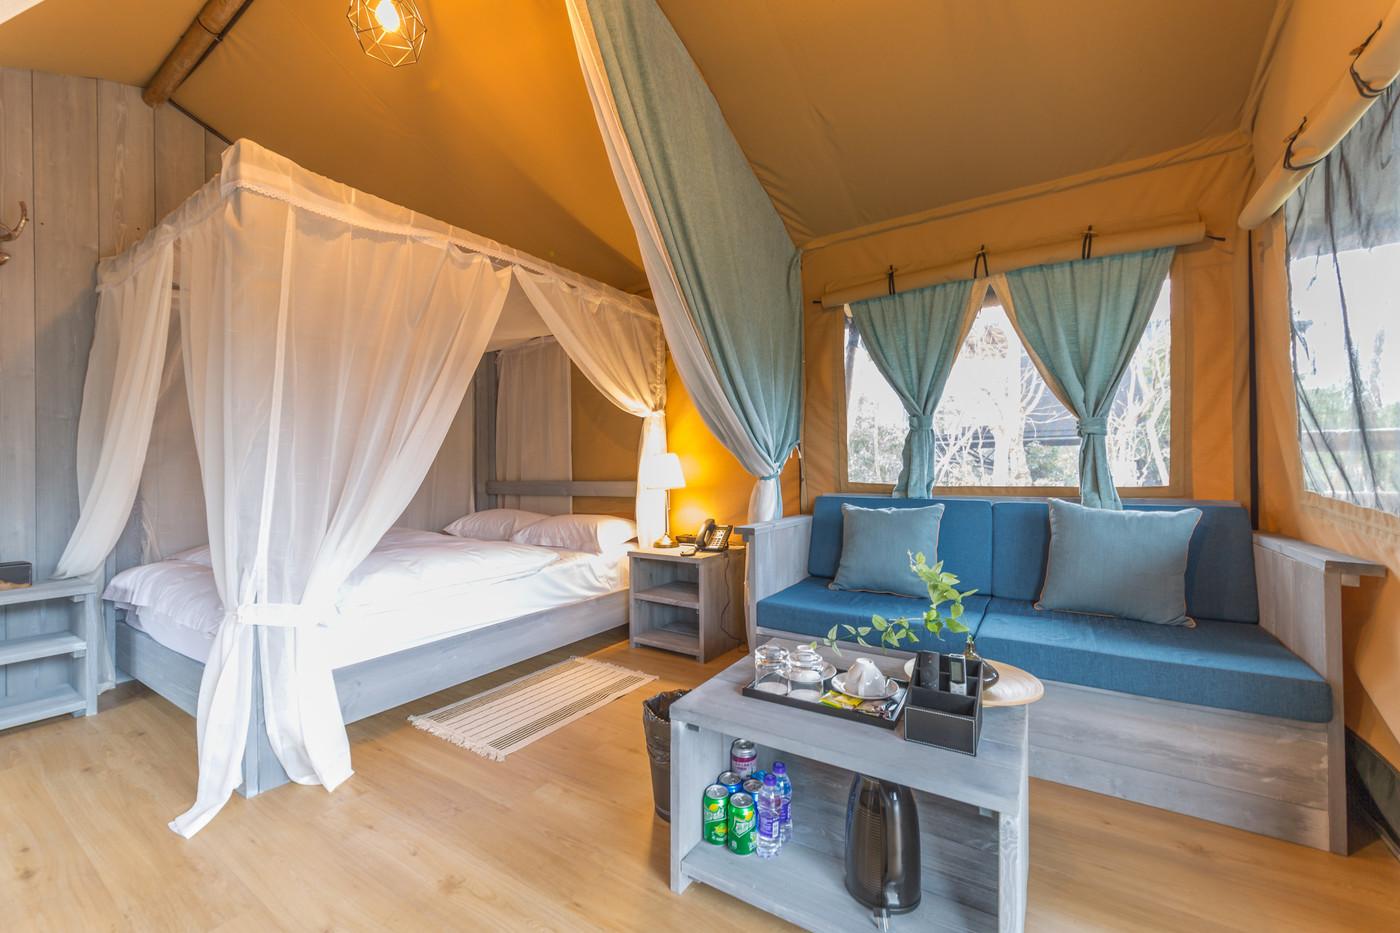 喜马拉雅上海迪士尼邻家营地子母房平地帐篷酒店16